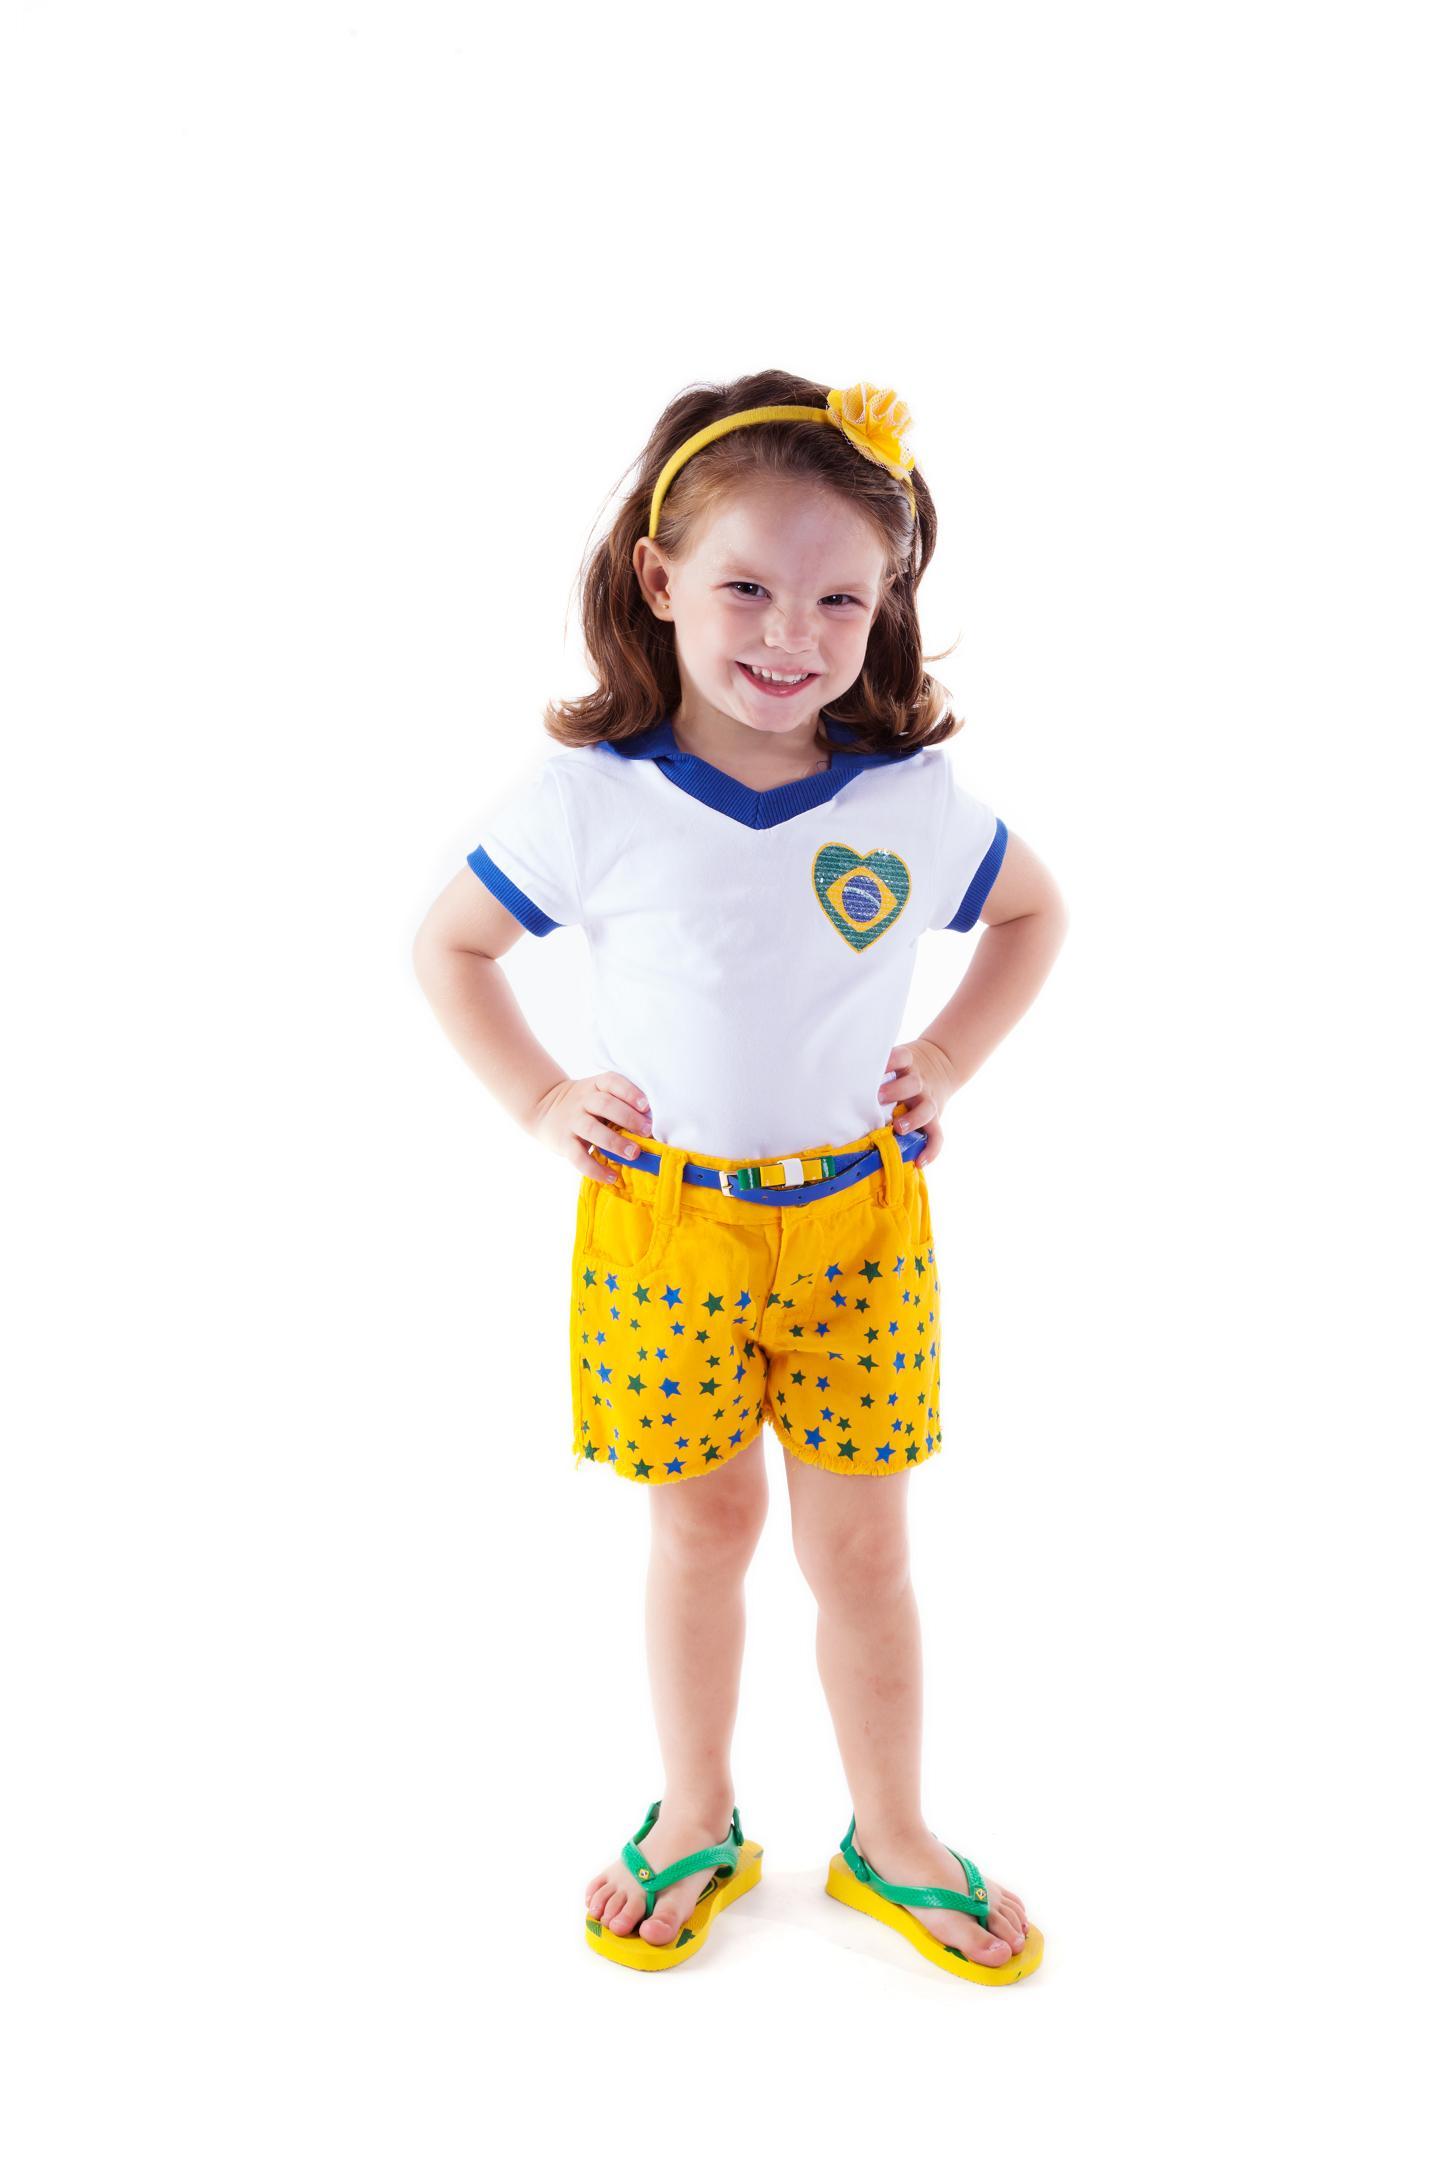 4bff56be8 Parizi Jeans for Kids lança coleção cápsula Copa do Mundo